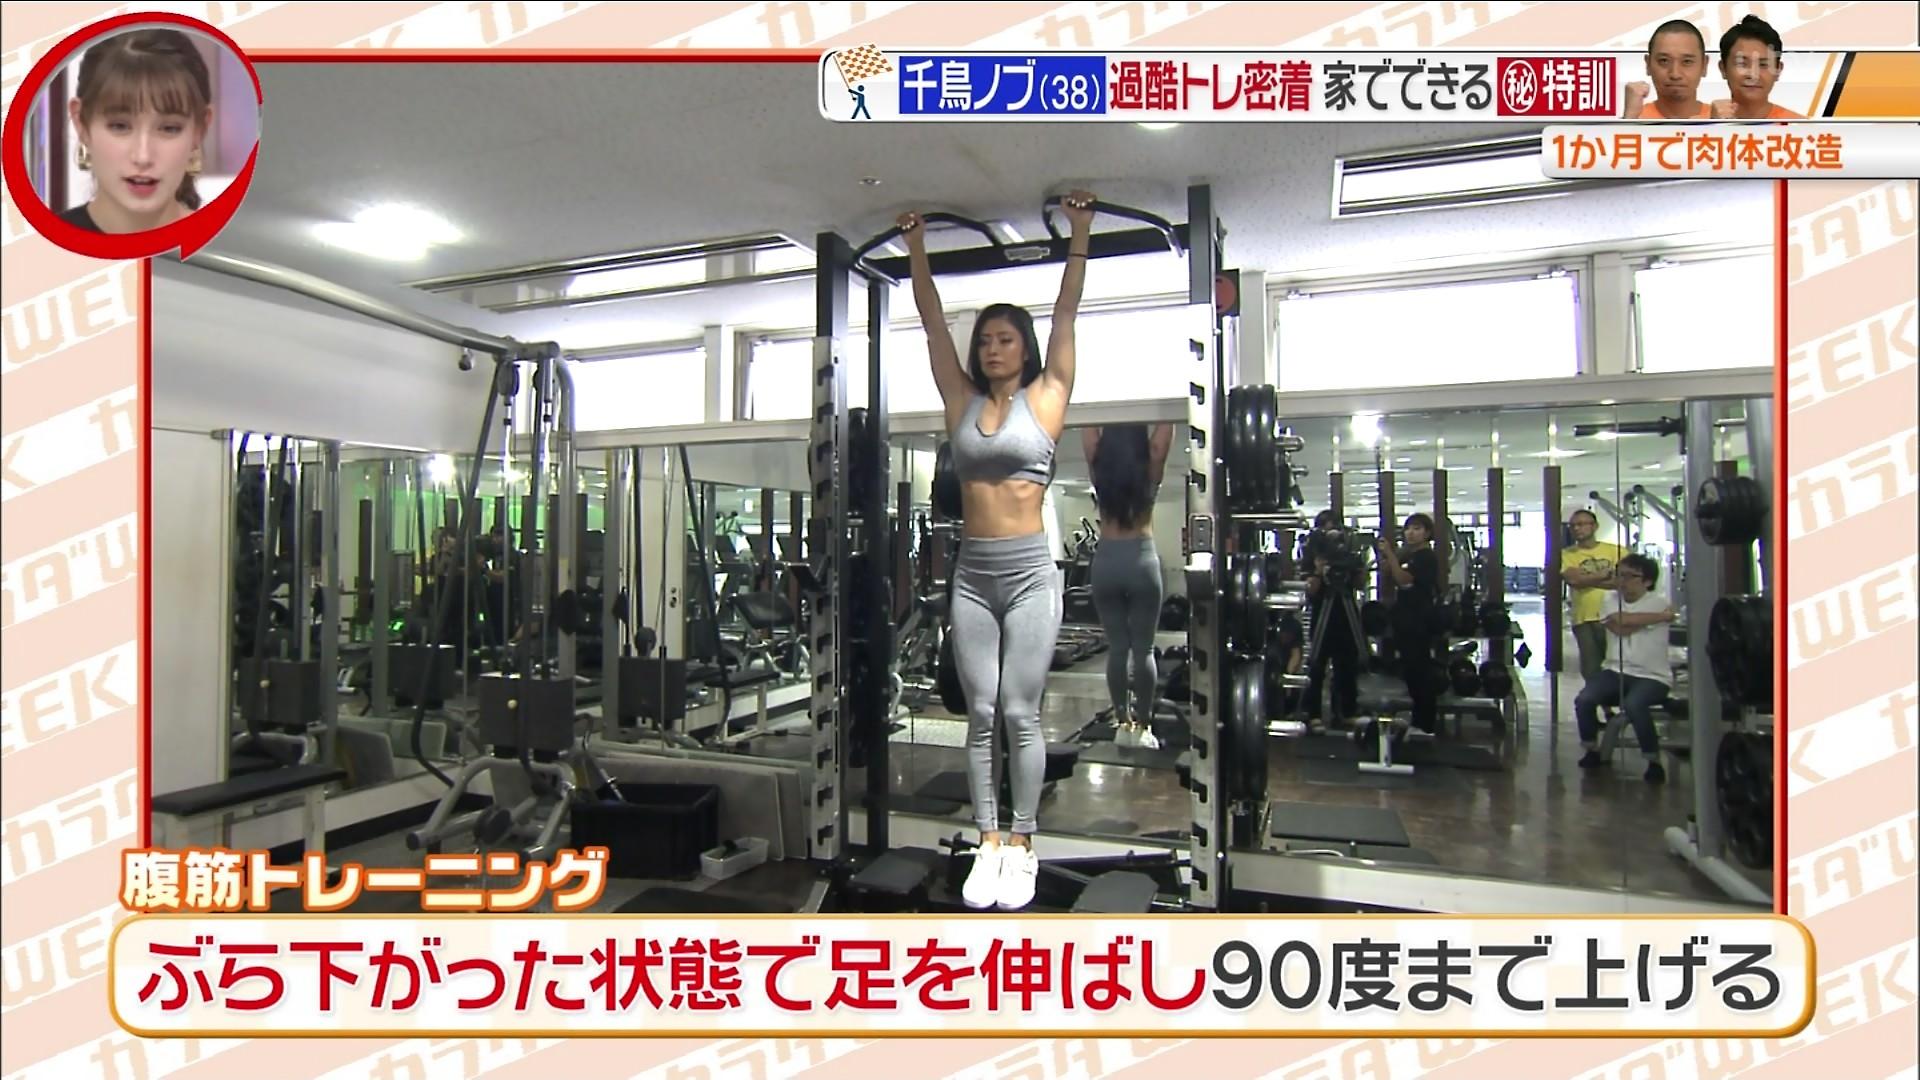 田上舞子_筋肉女子_美人トレーナ_テレビキャプ画像_07